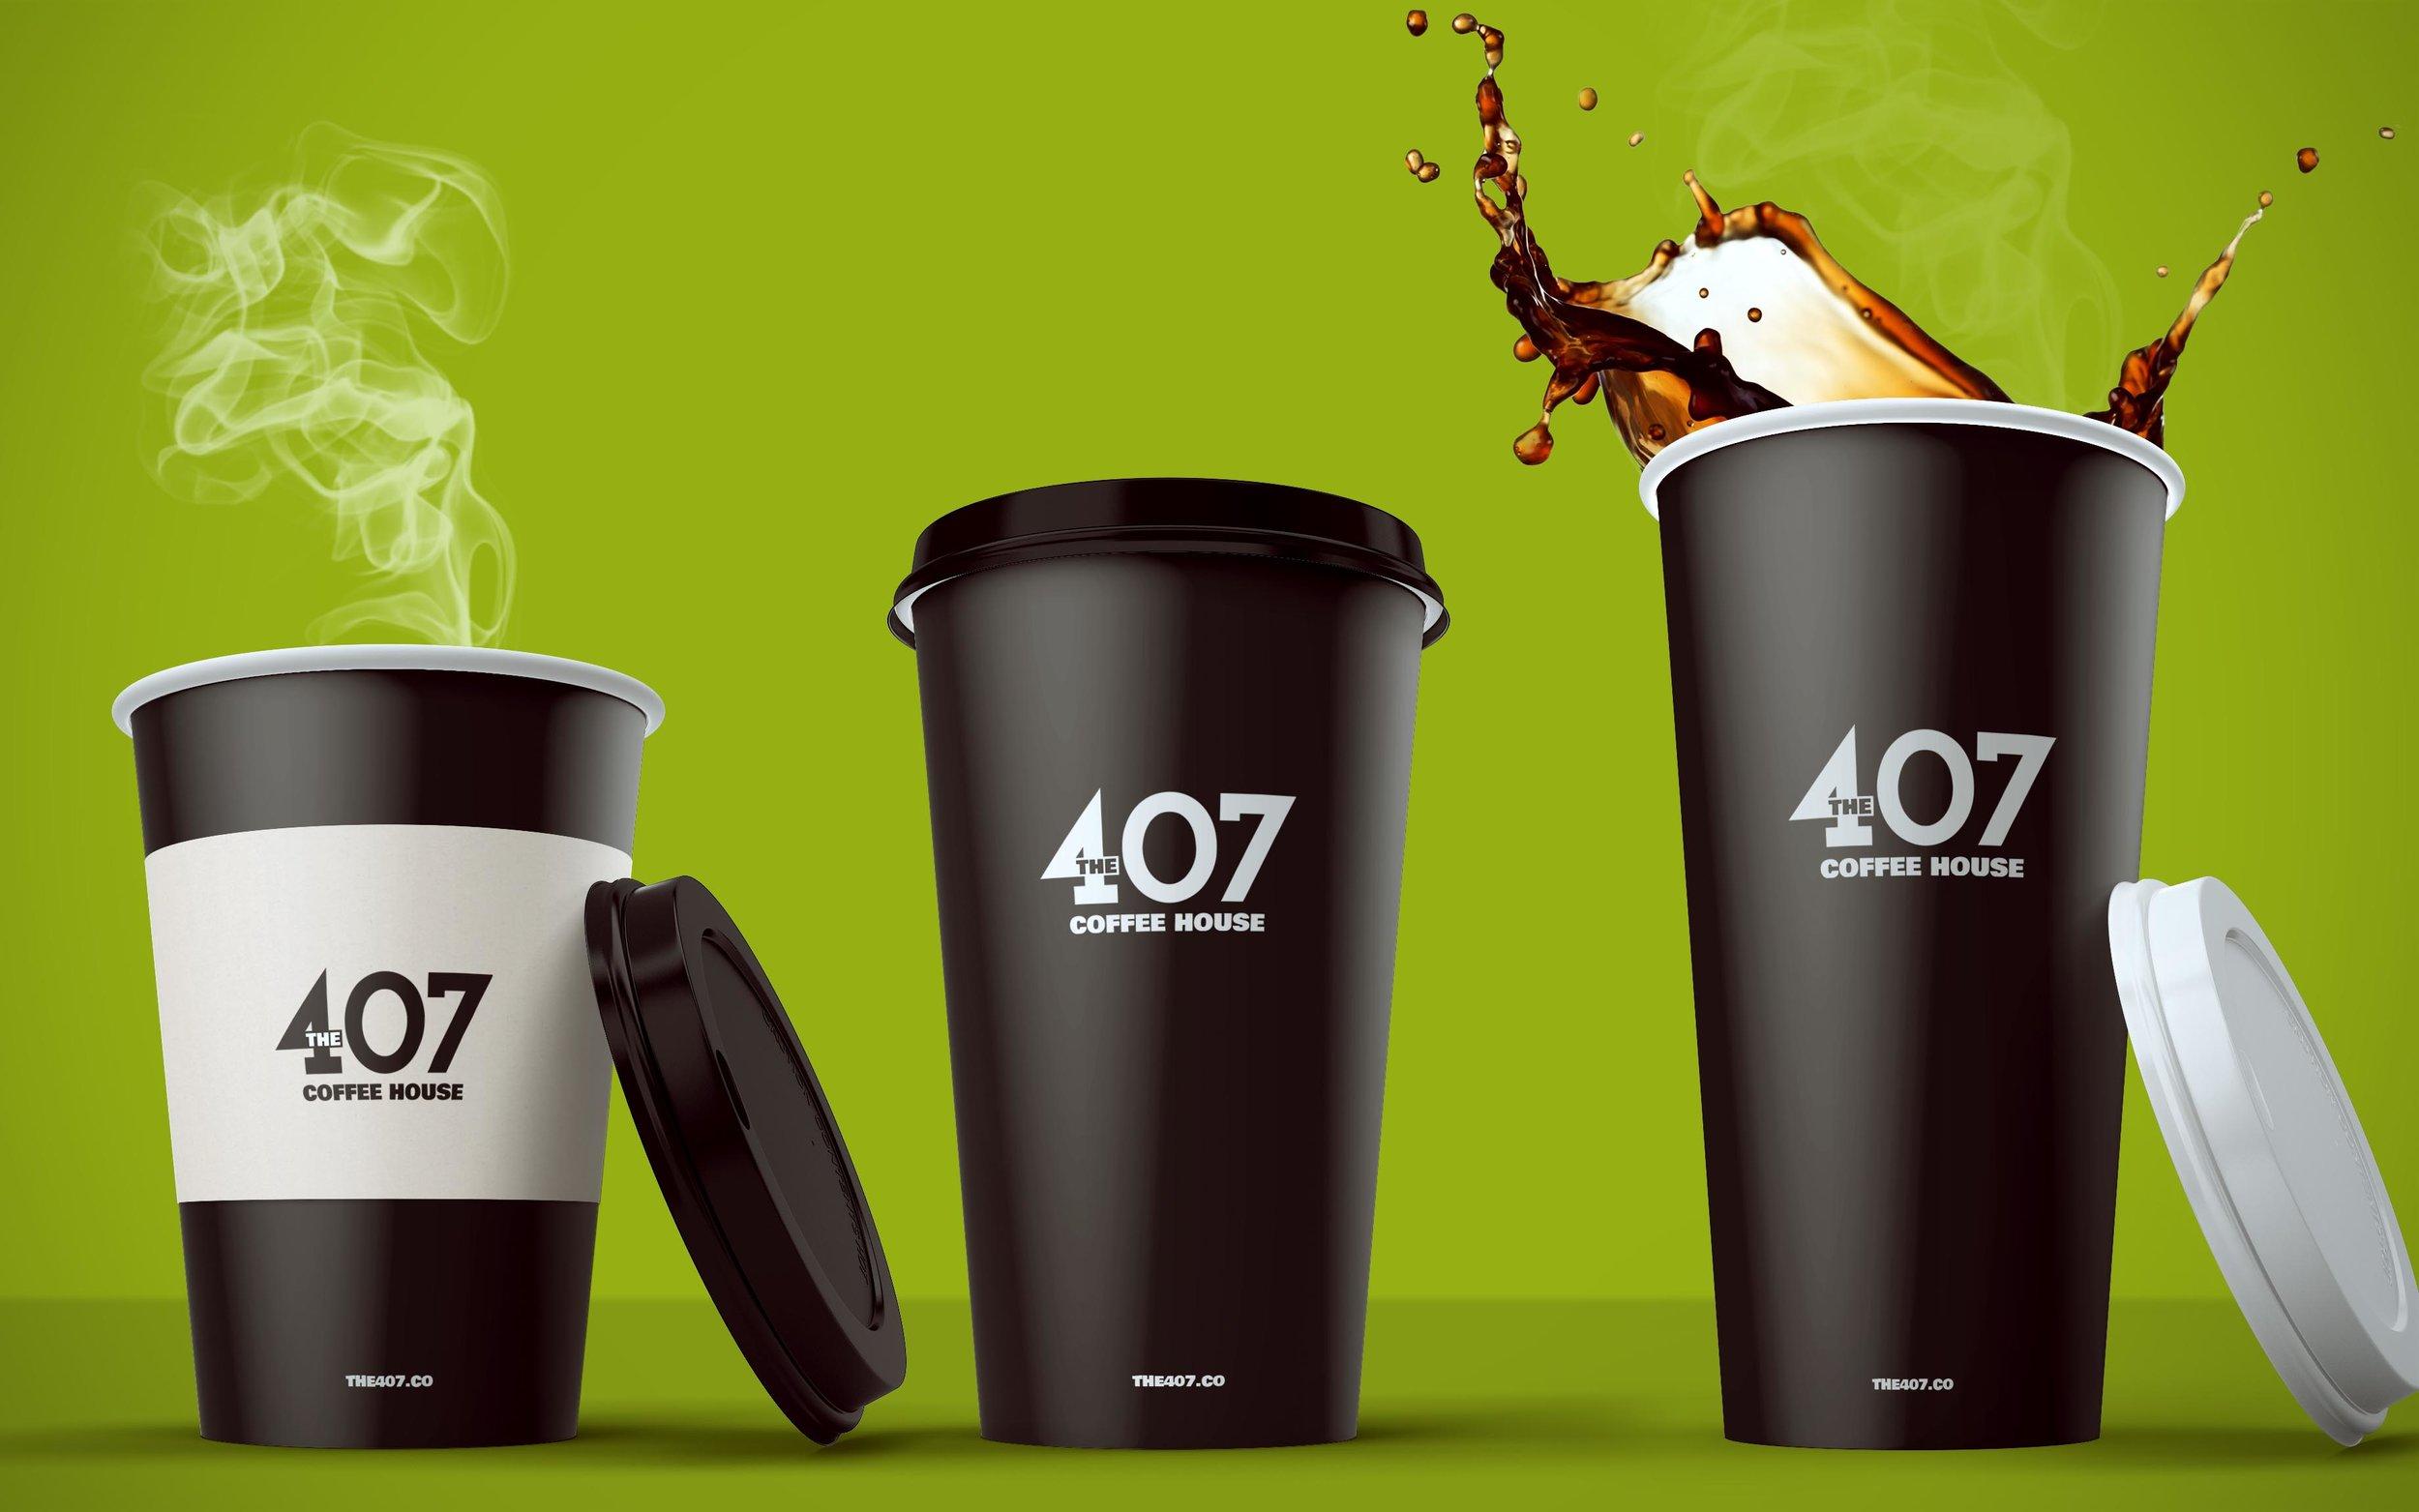 407 Paper Cup Mockup.jpg